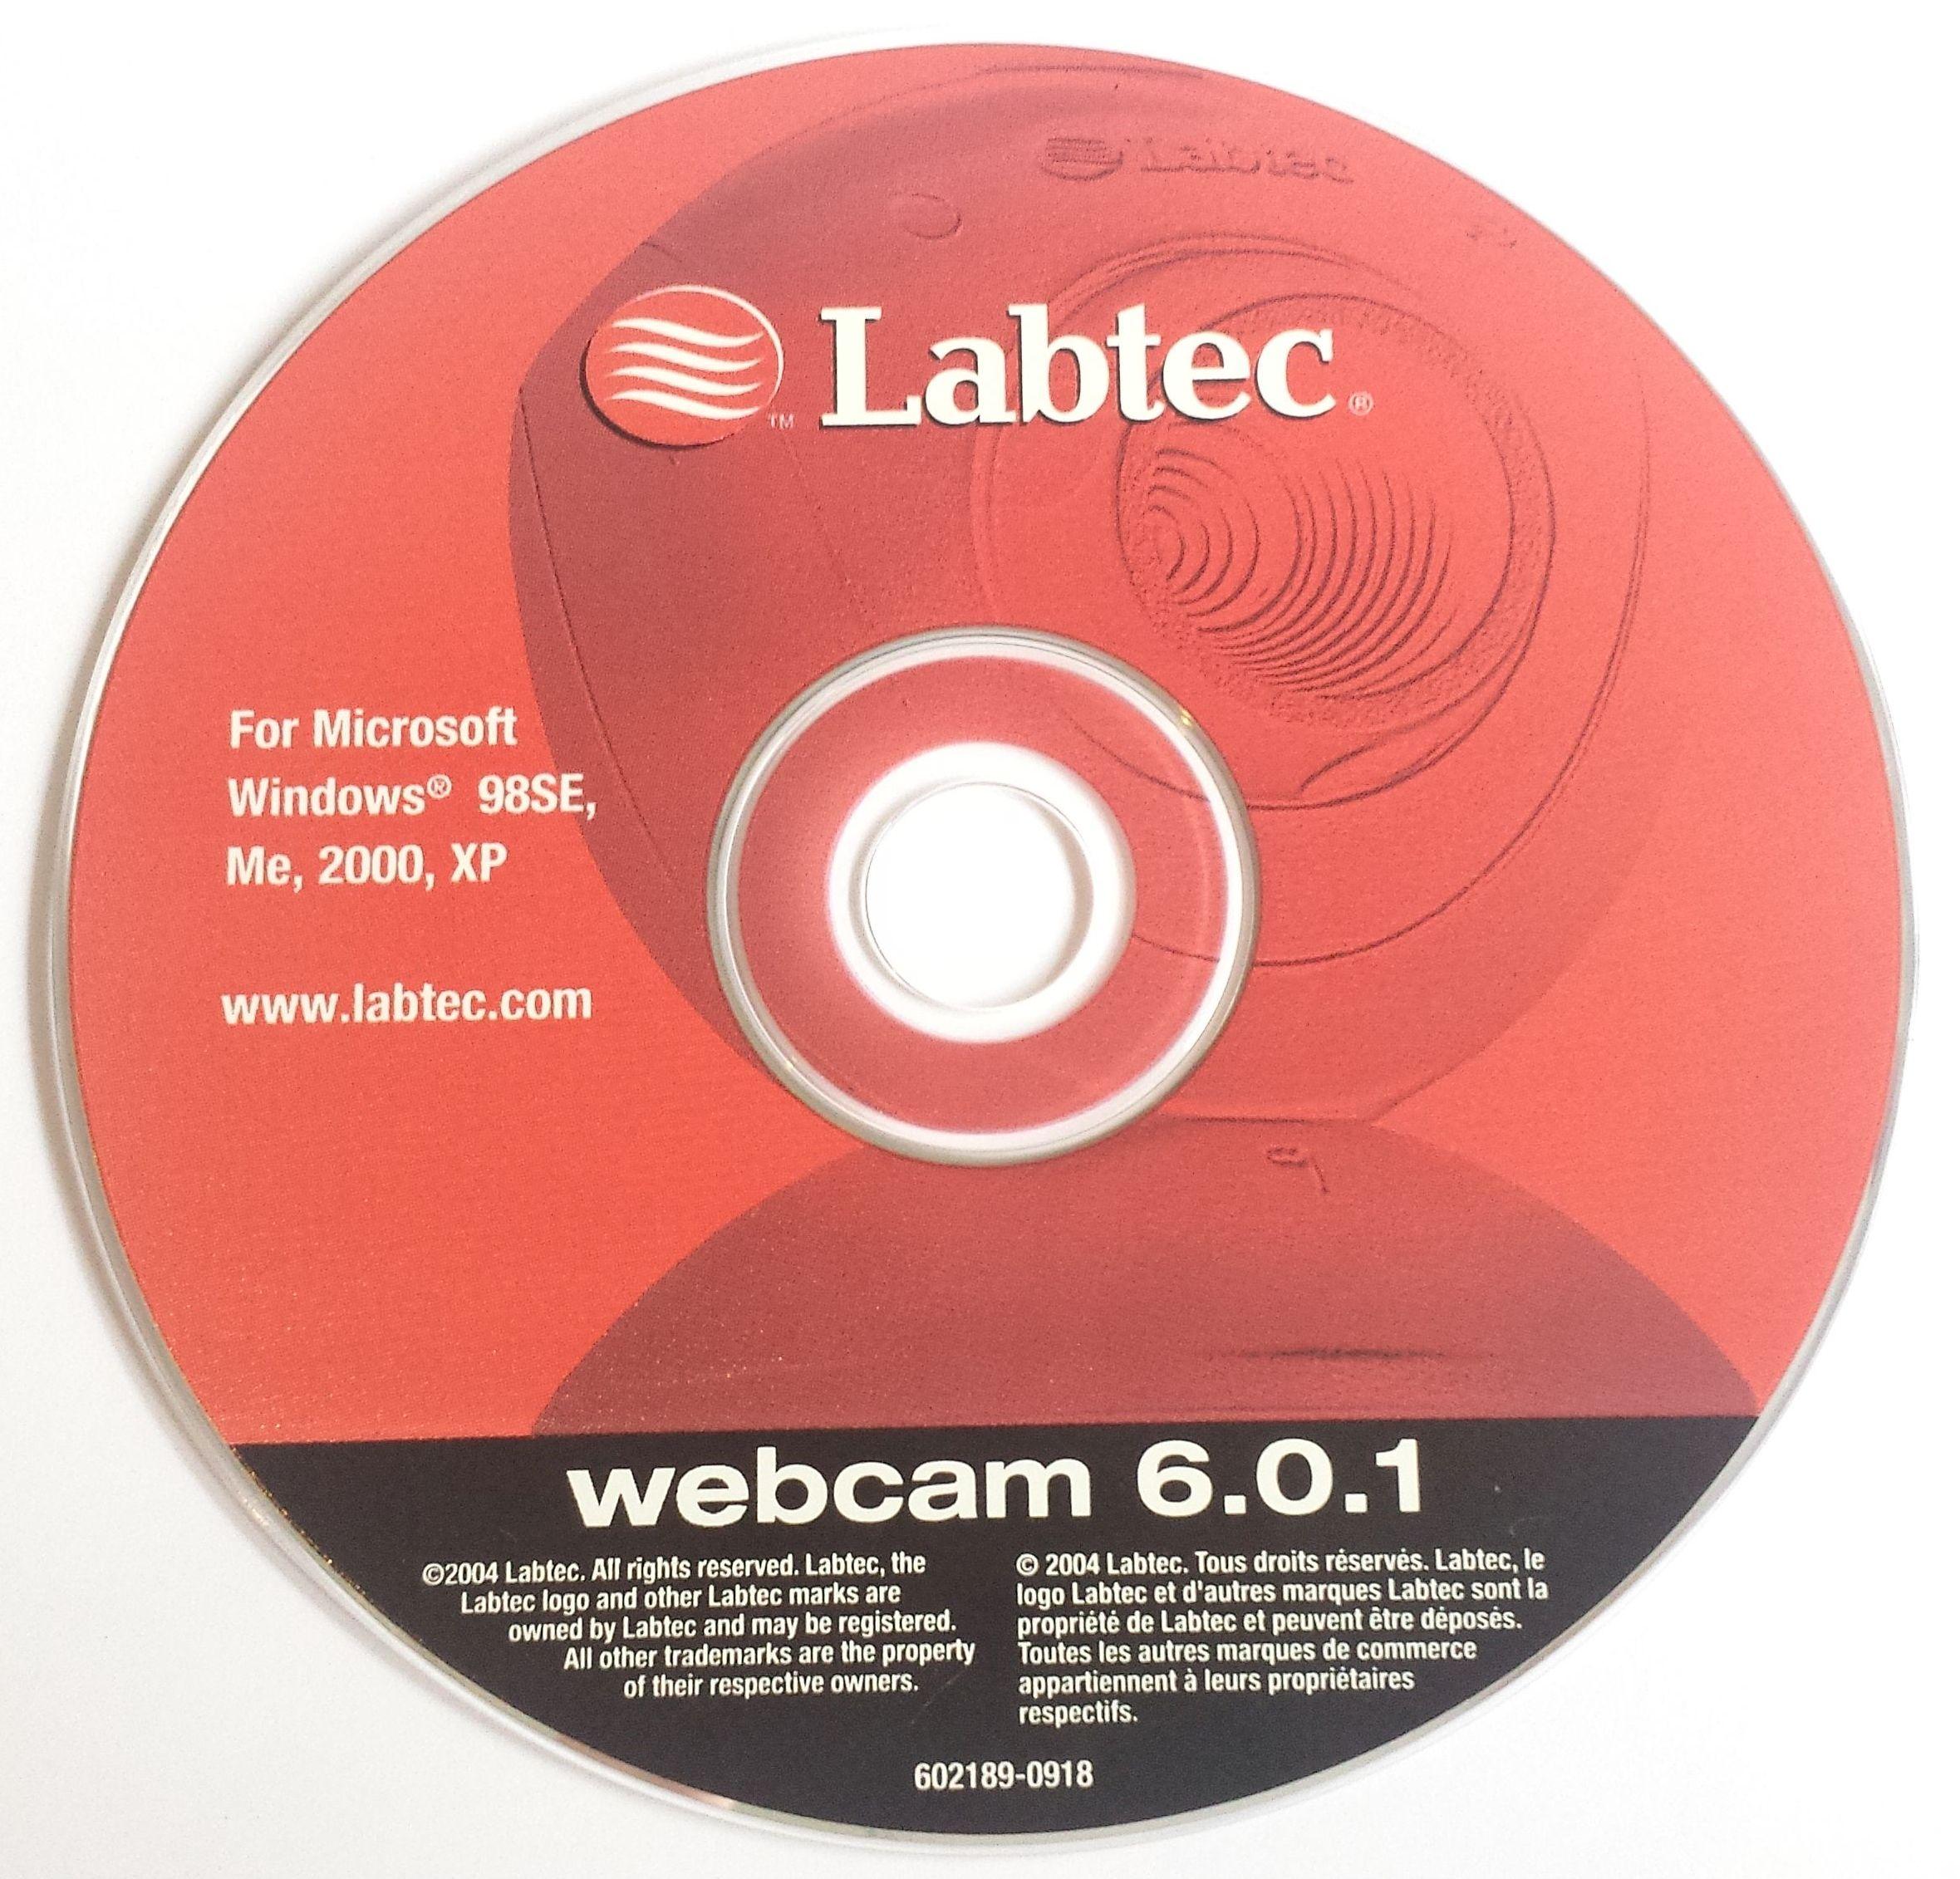 Labtec Webcam  Cd Rom